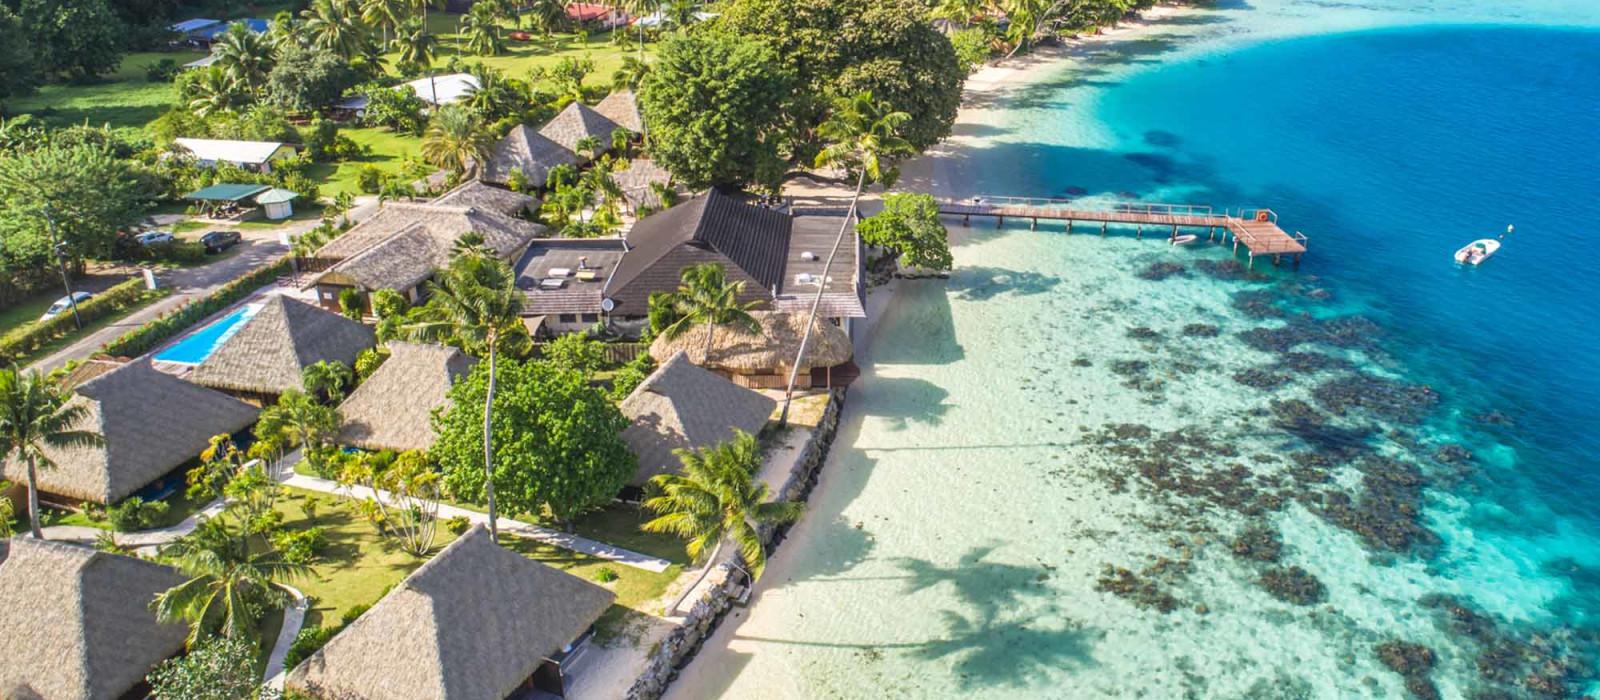 Hotel Le Mahana French Polynesia